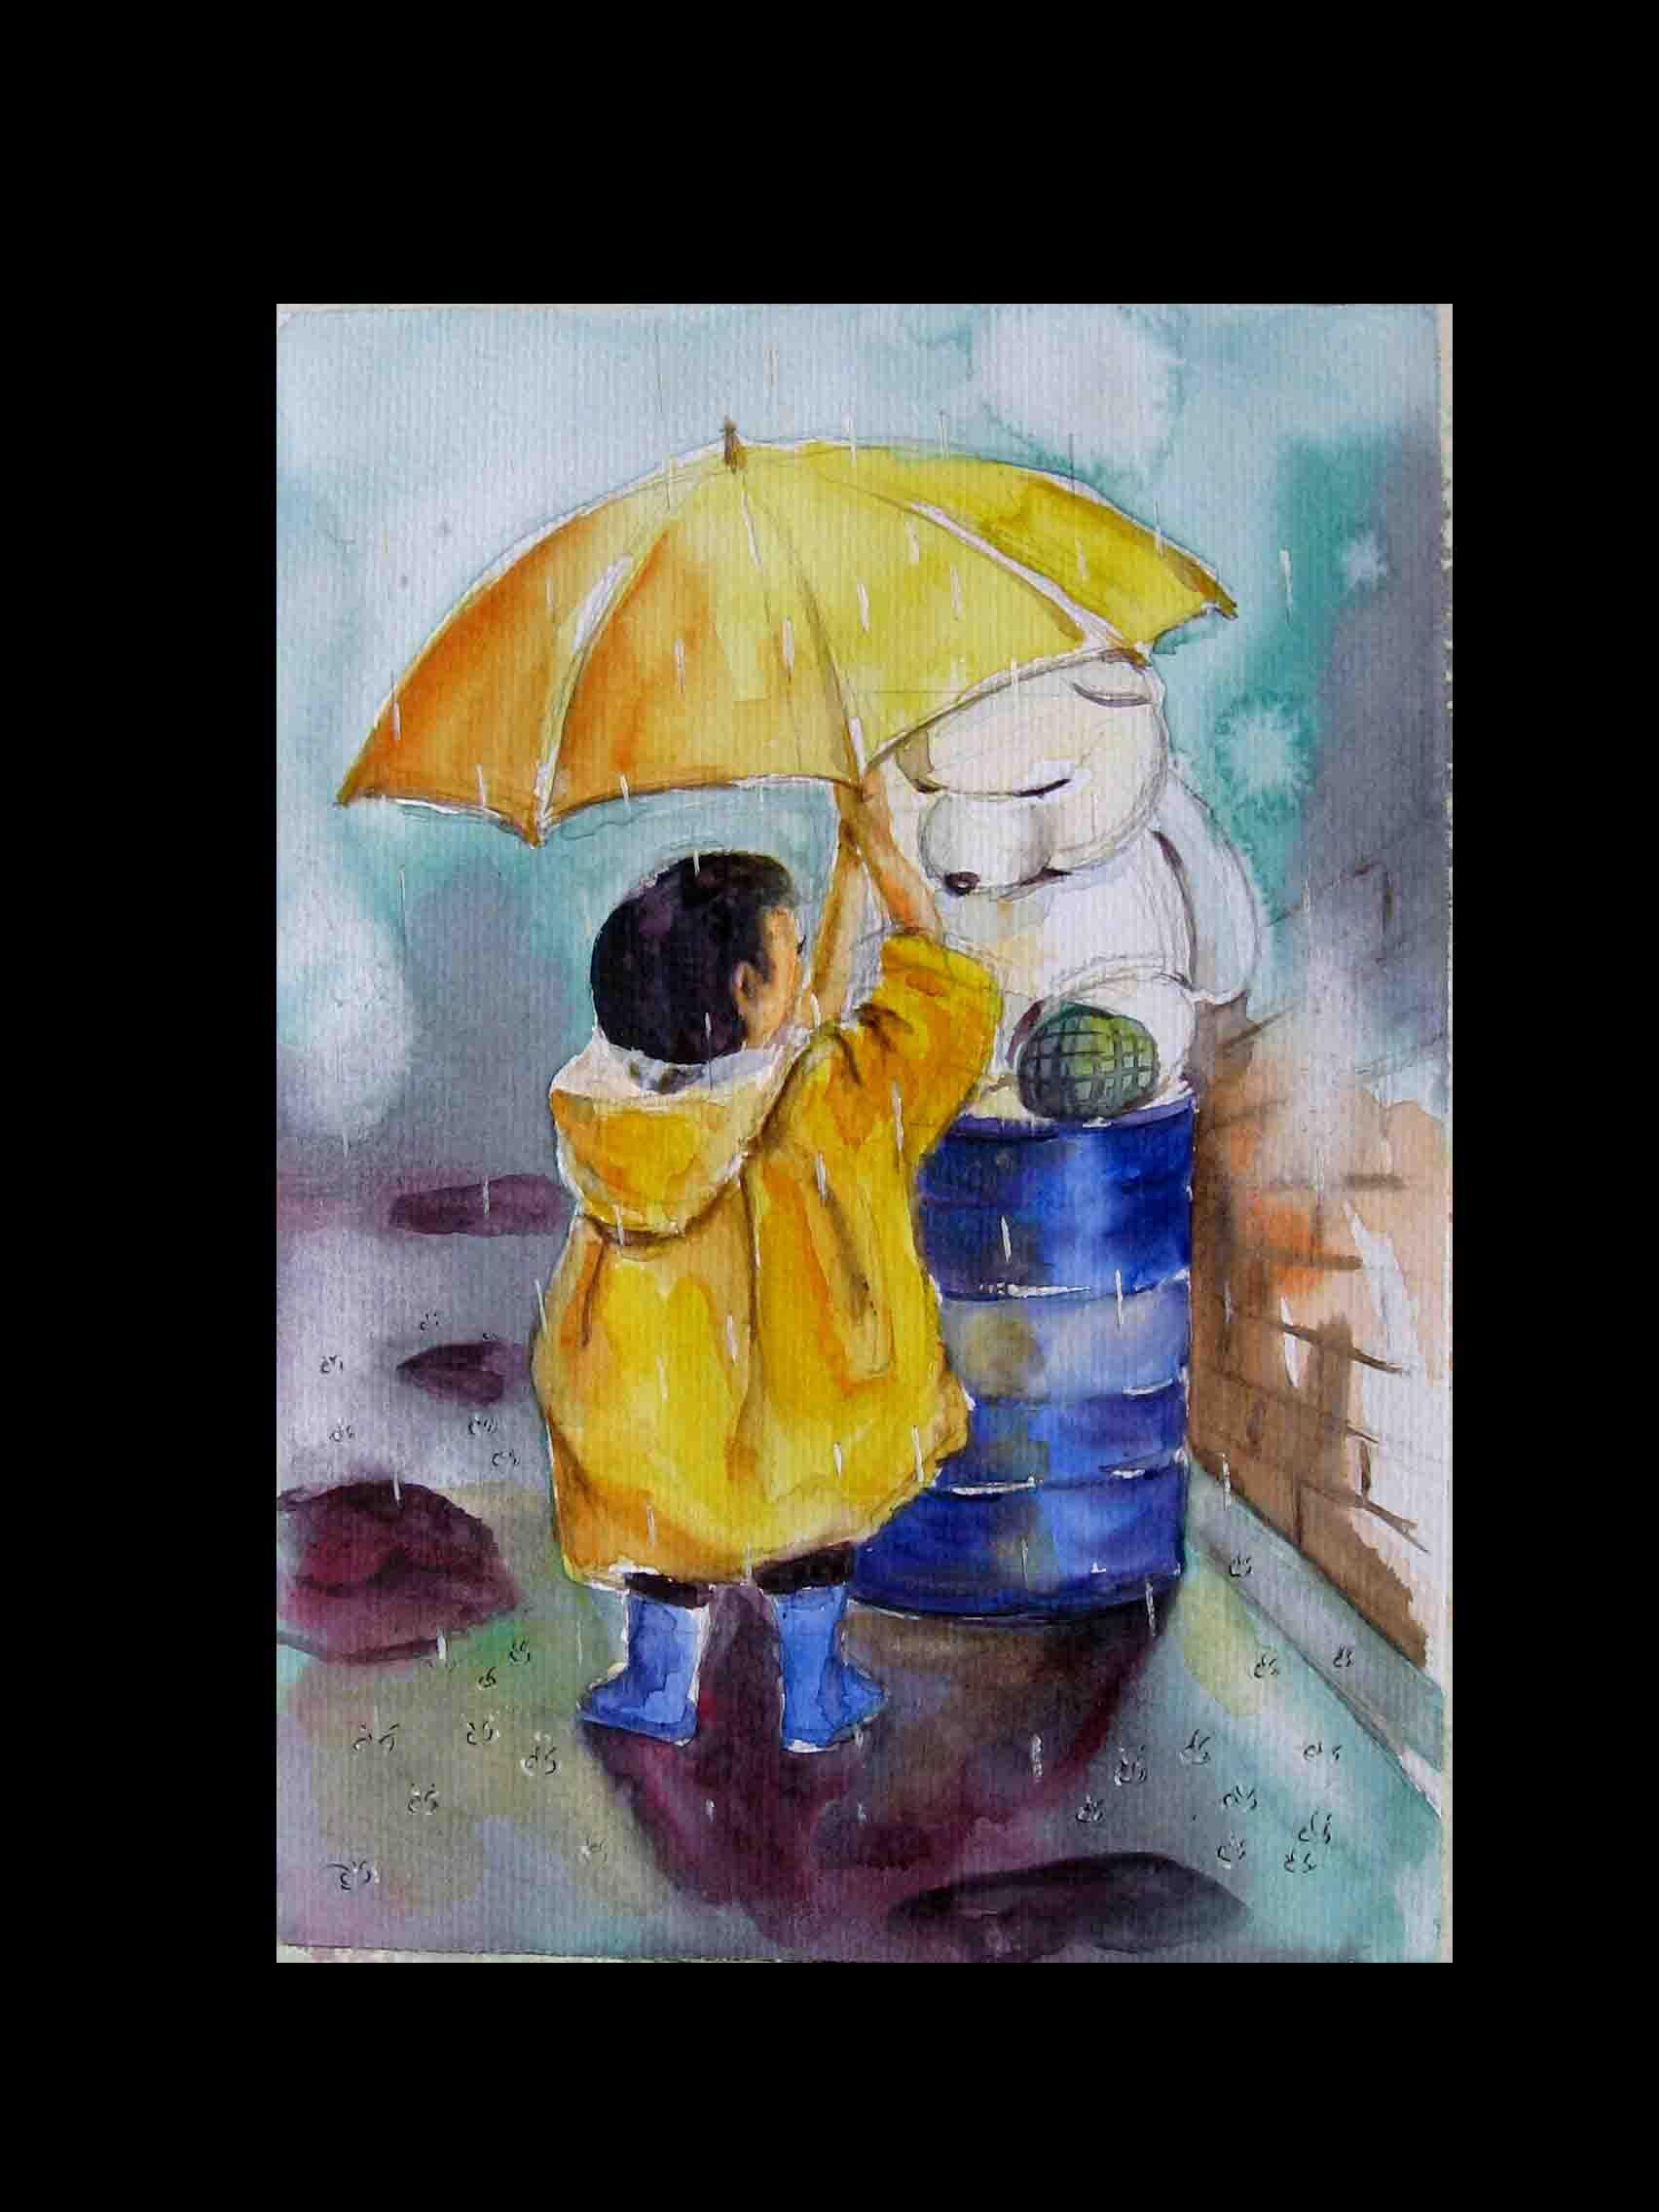 深圳南山素描水彩水粉速写油画漫画时装画建筑园林效果图